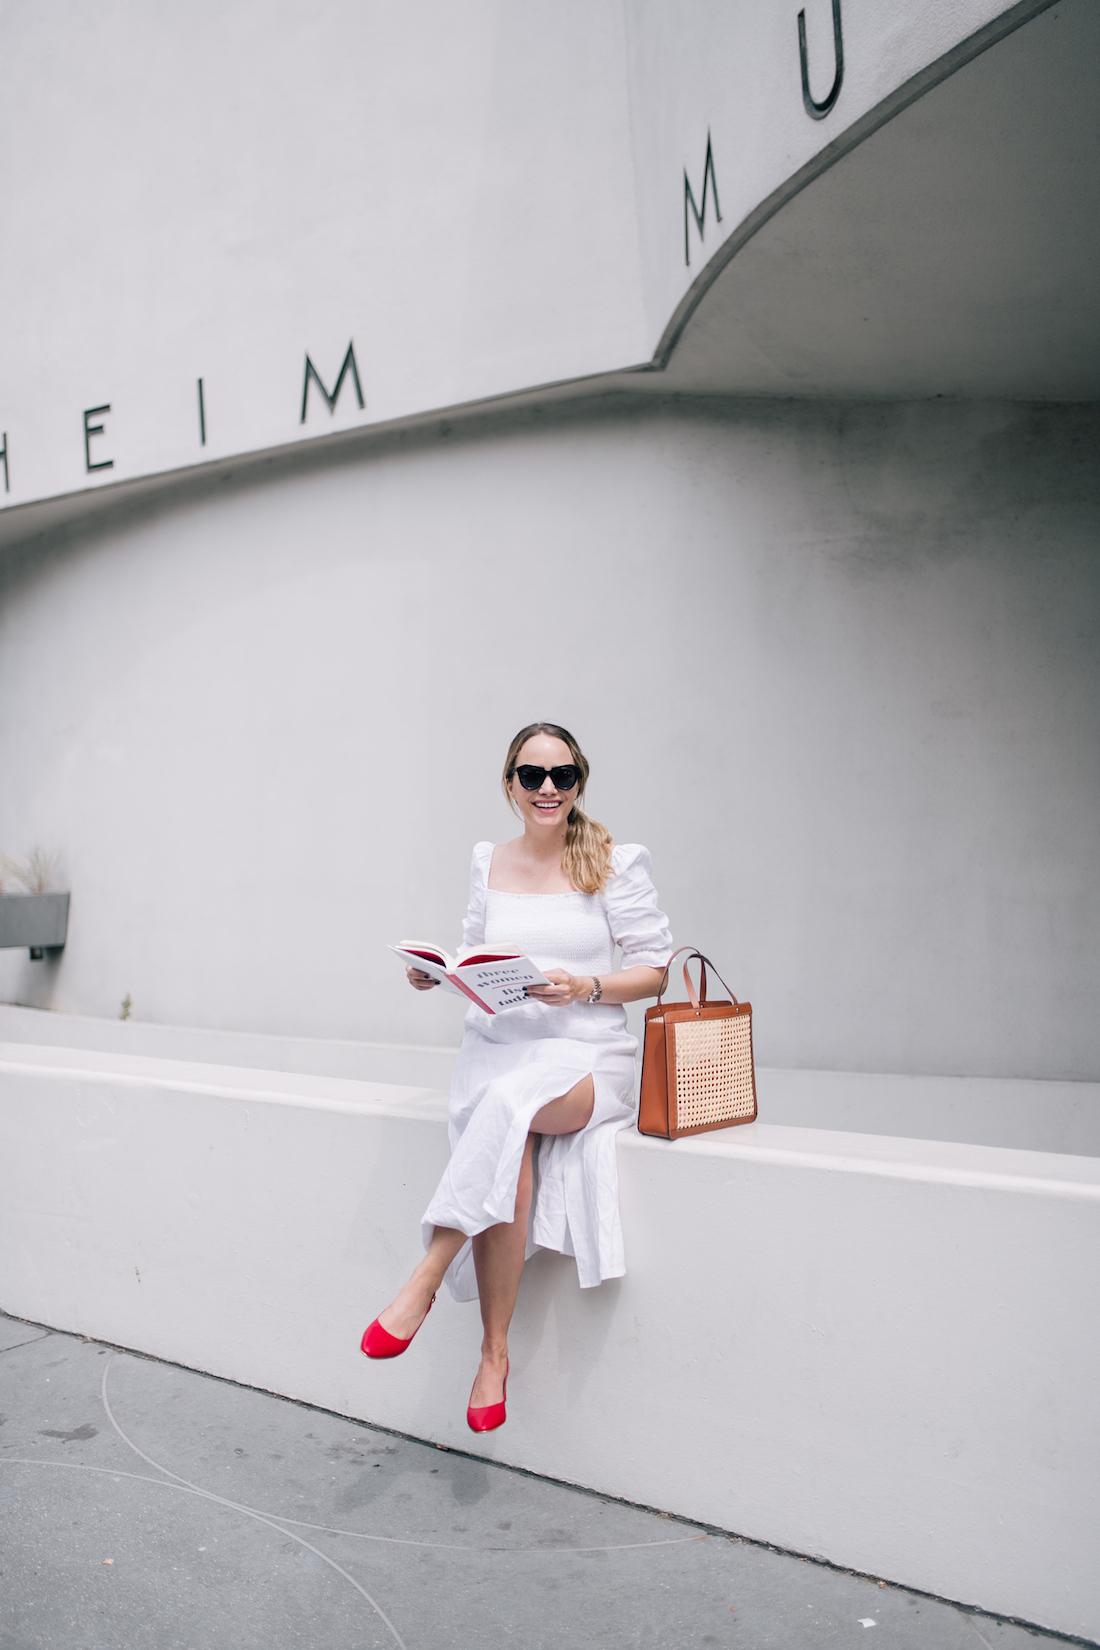 The Guggenheim - NYC